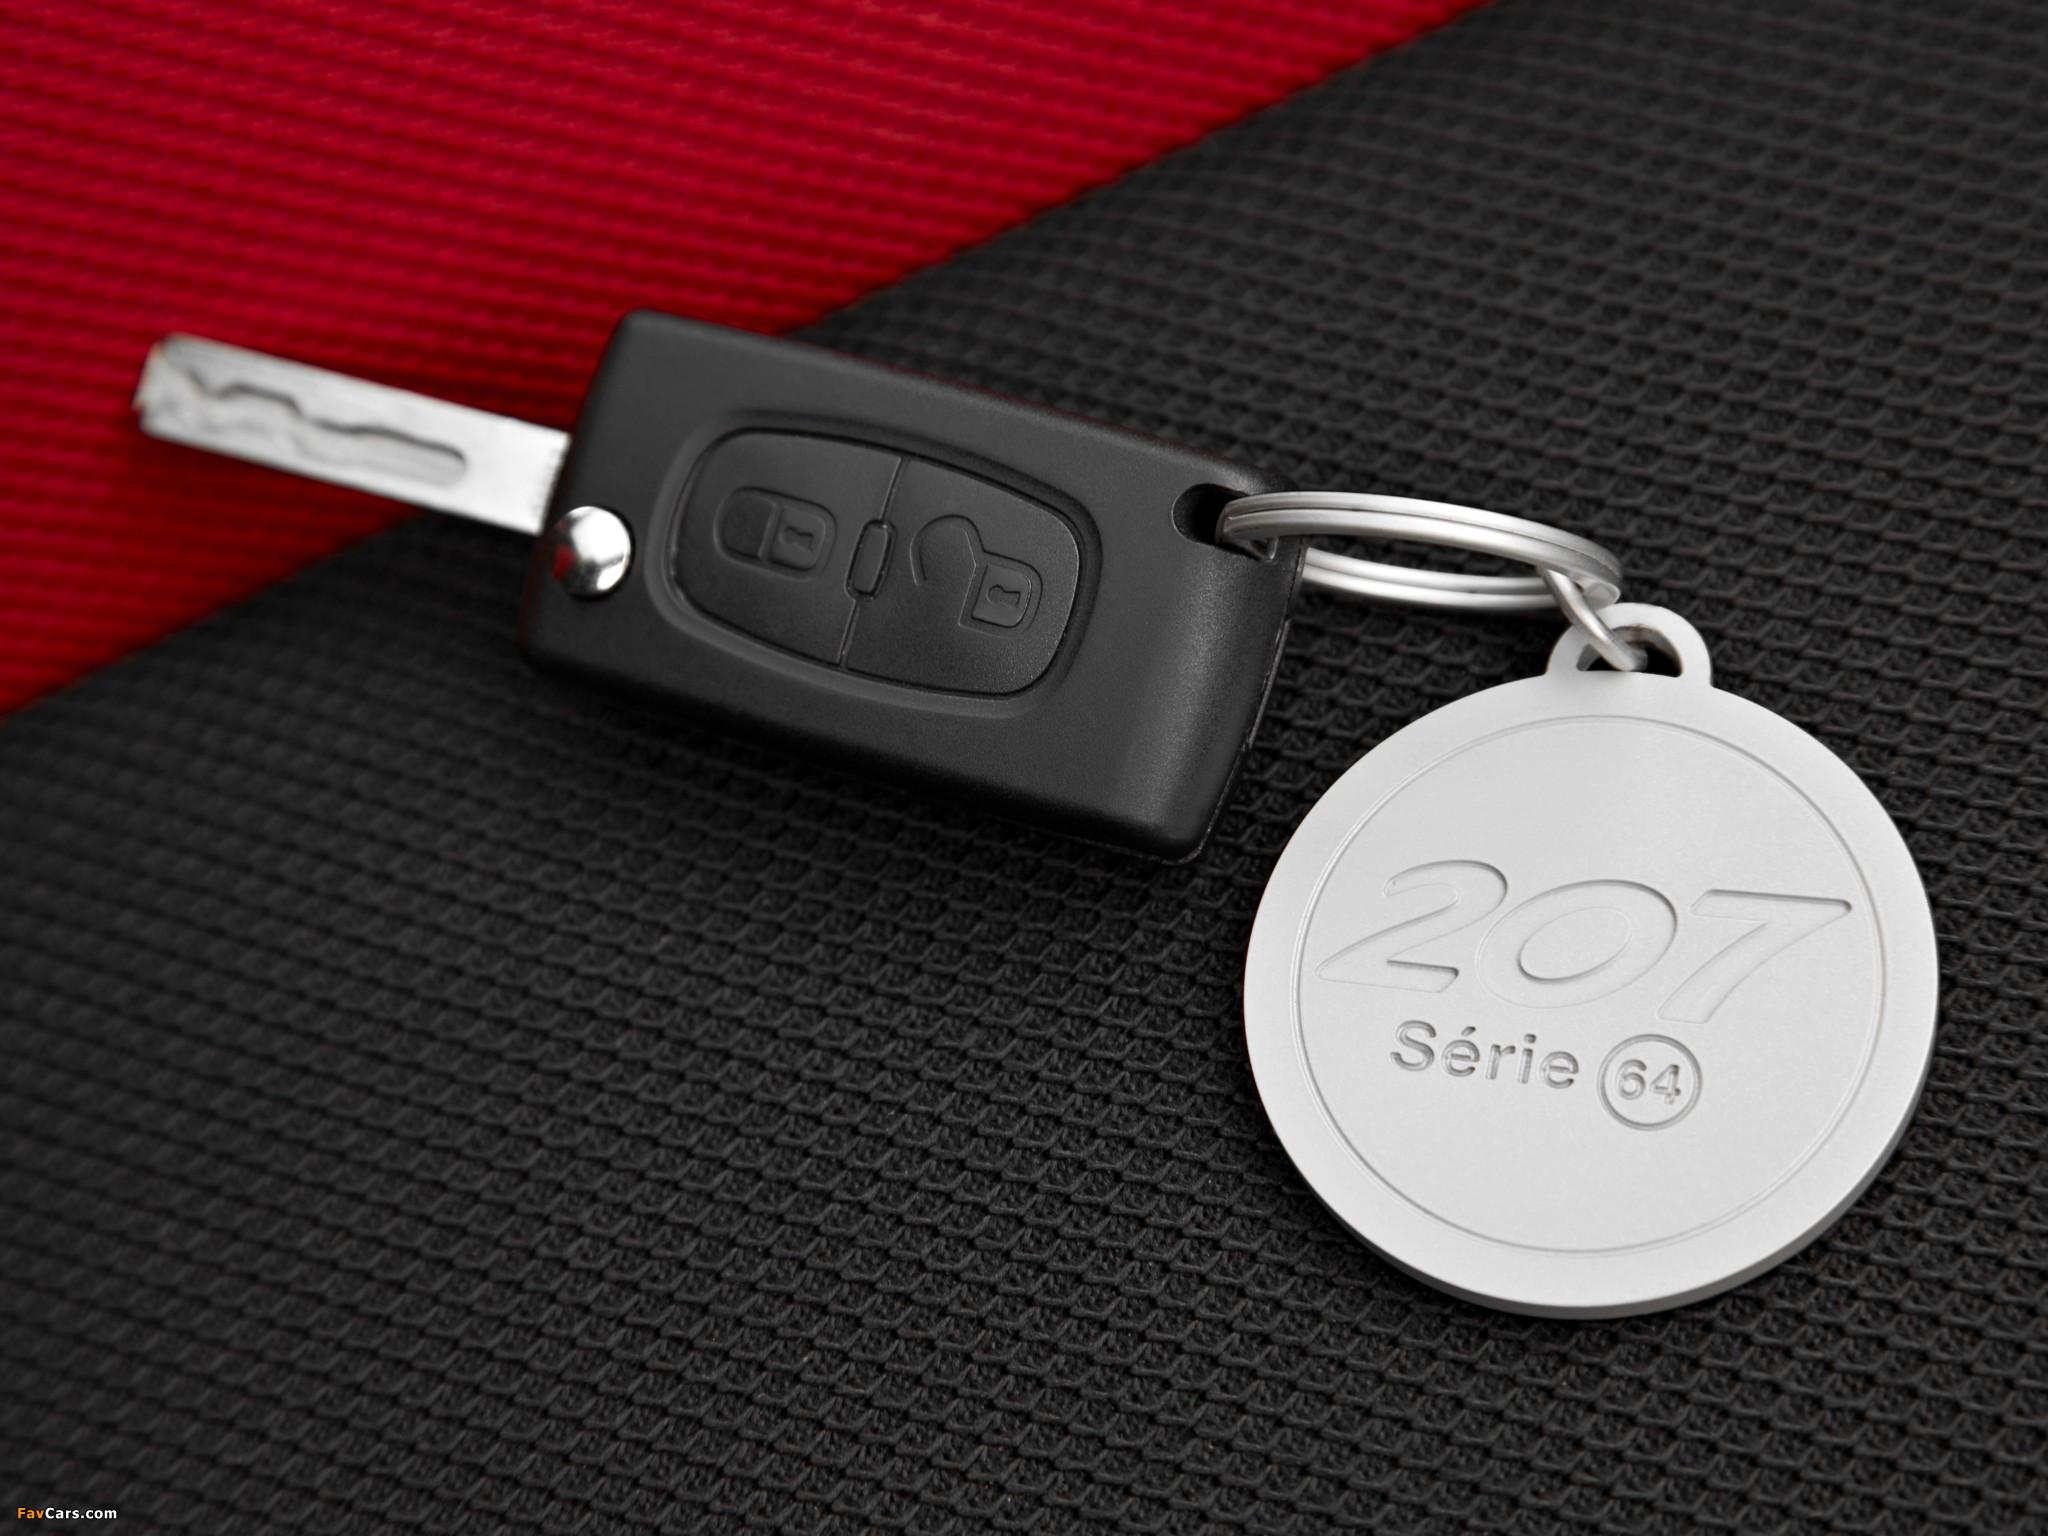 Можно ли заказать дубликат ключа от Peugeot 207 у официального дилера